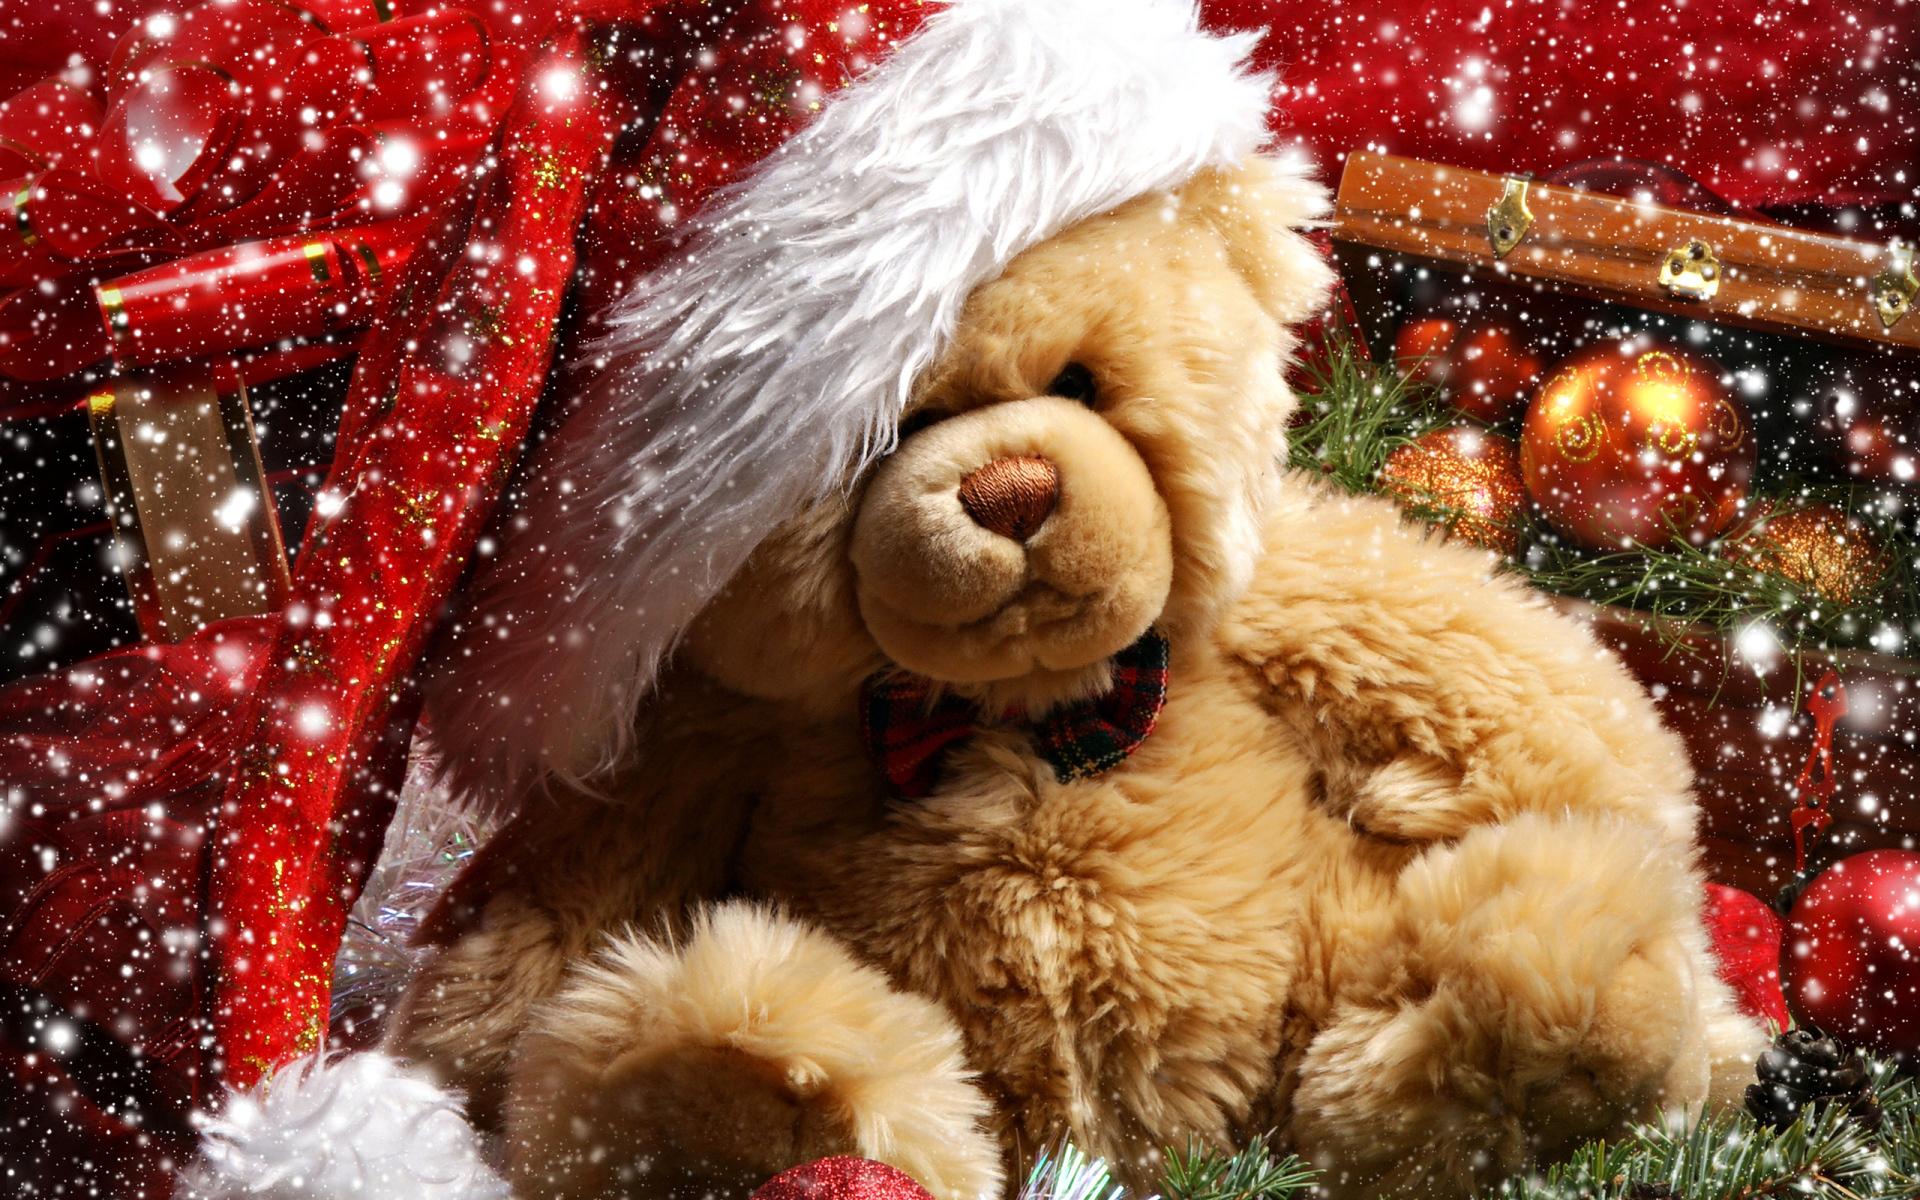 Мишка в подарок - C Рождеством Христовым поздравительные картинки